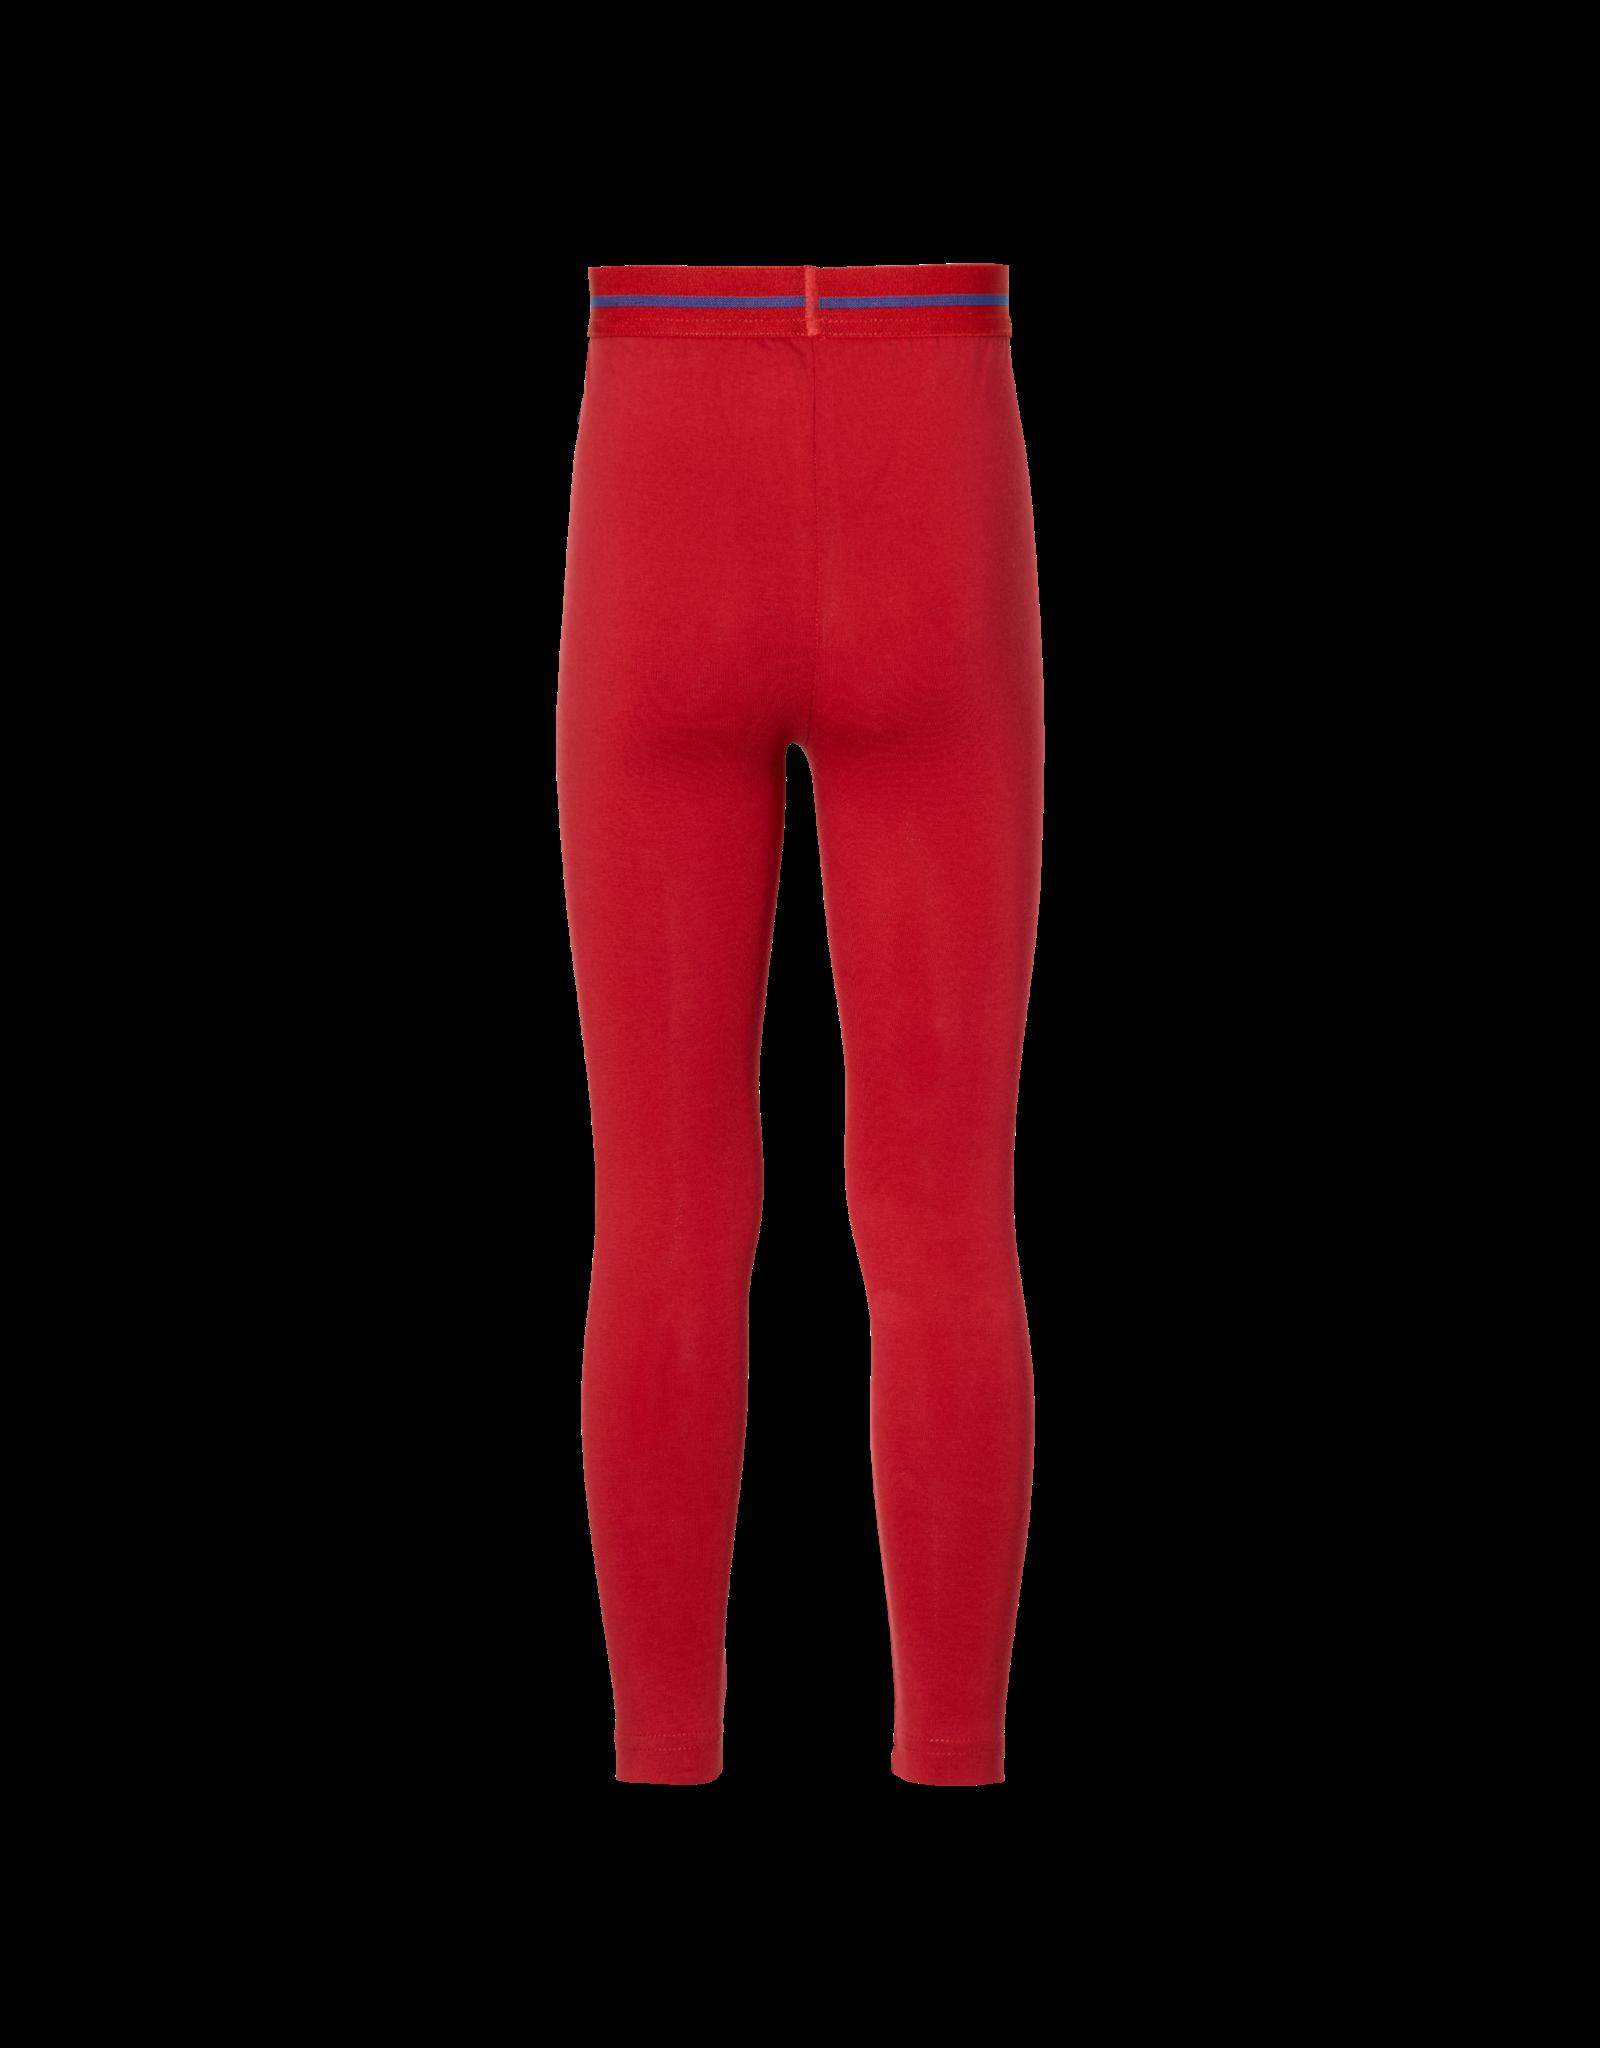 Quapi DIVA W202 Red Chili